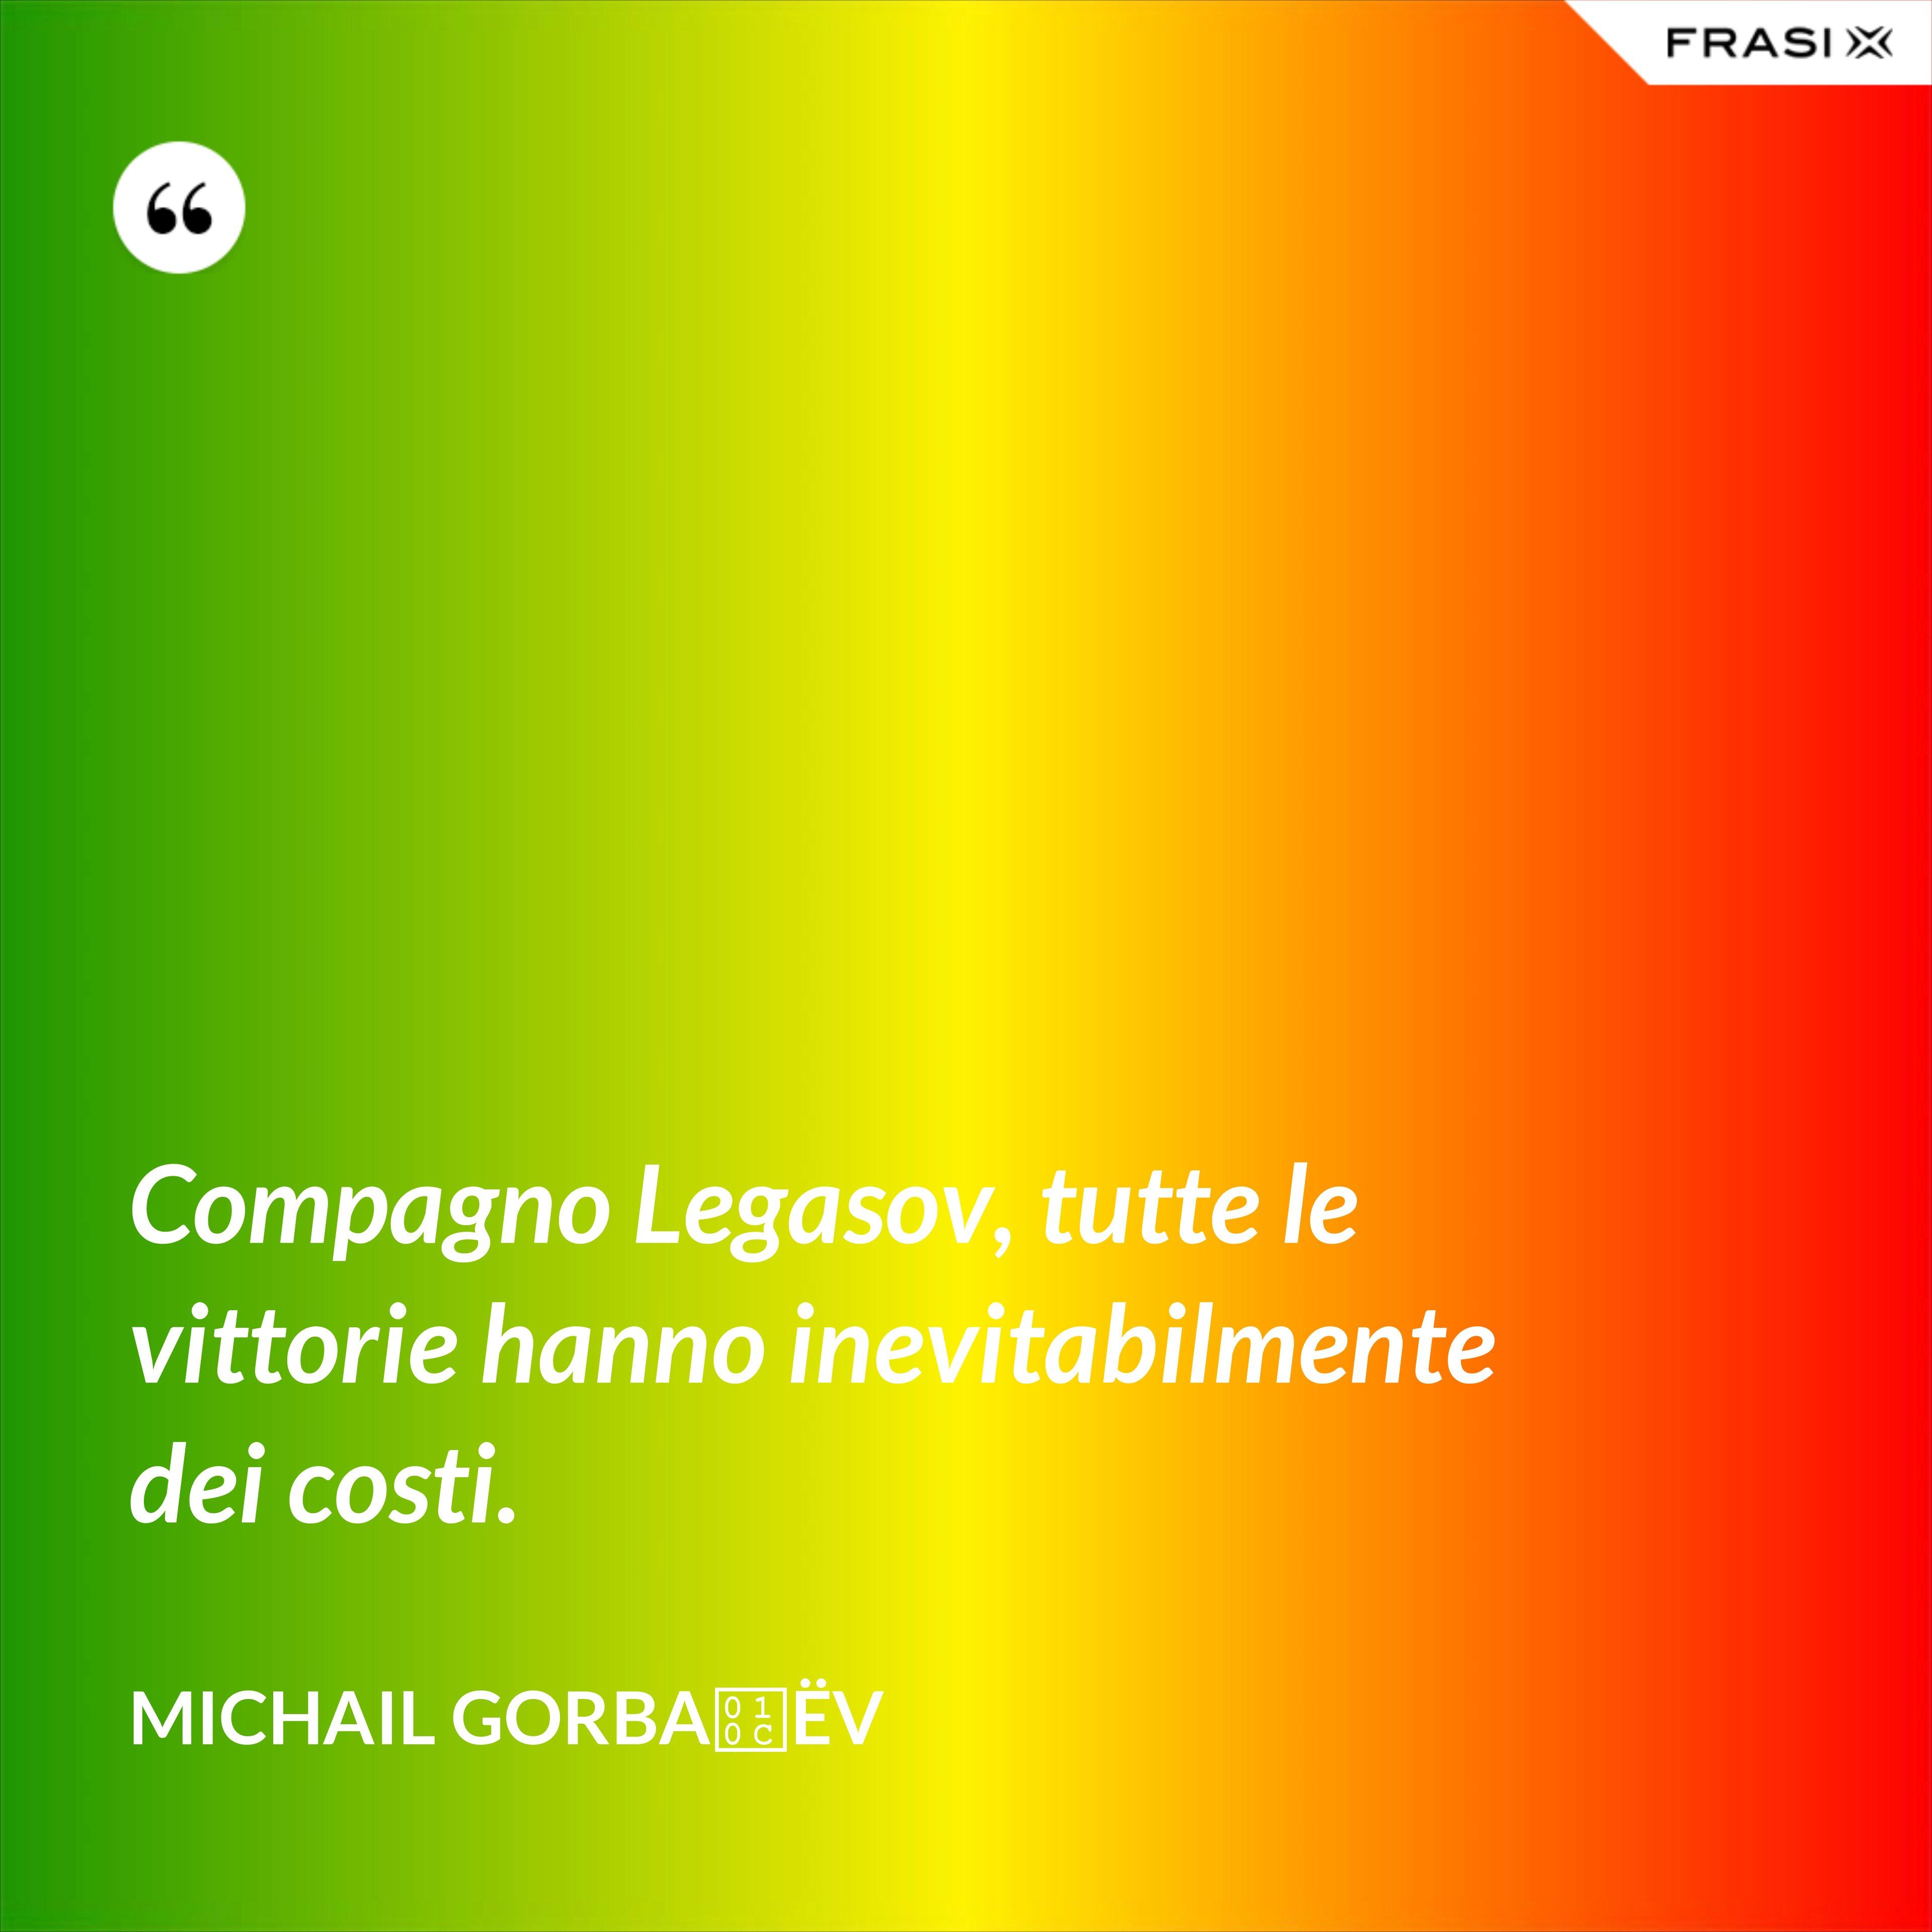 Compagno Legasov, tutte le vittorie hanno inevitabilmente dei costi. - Michail Gorbačëv